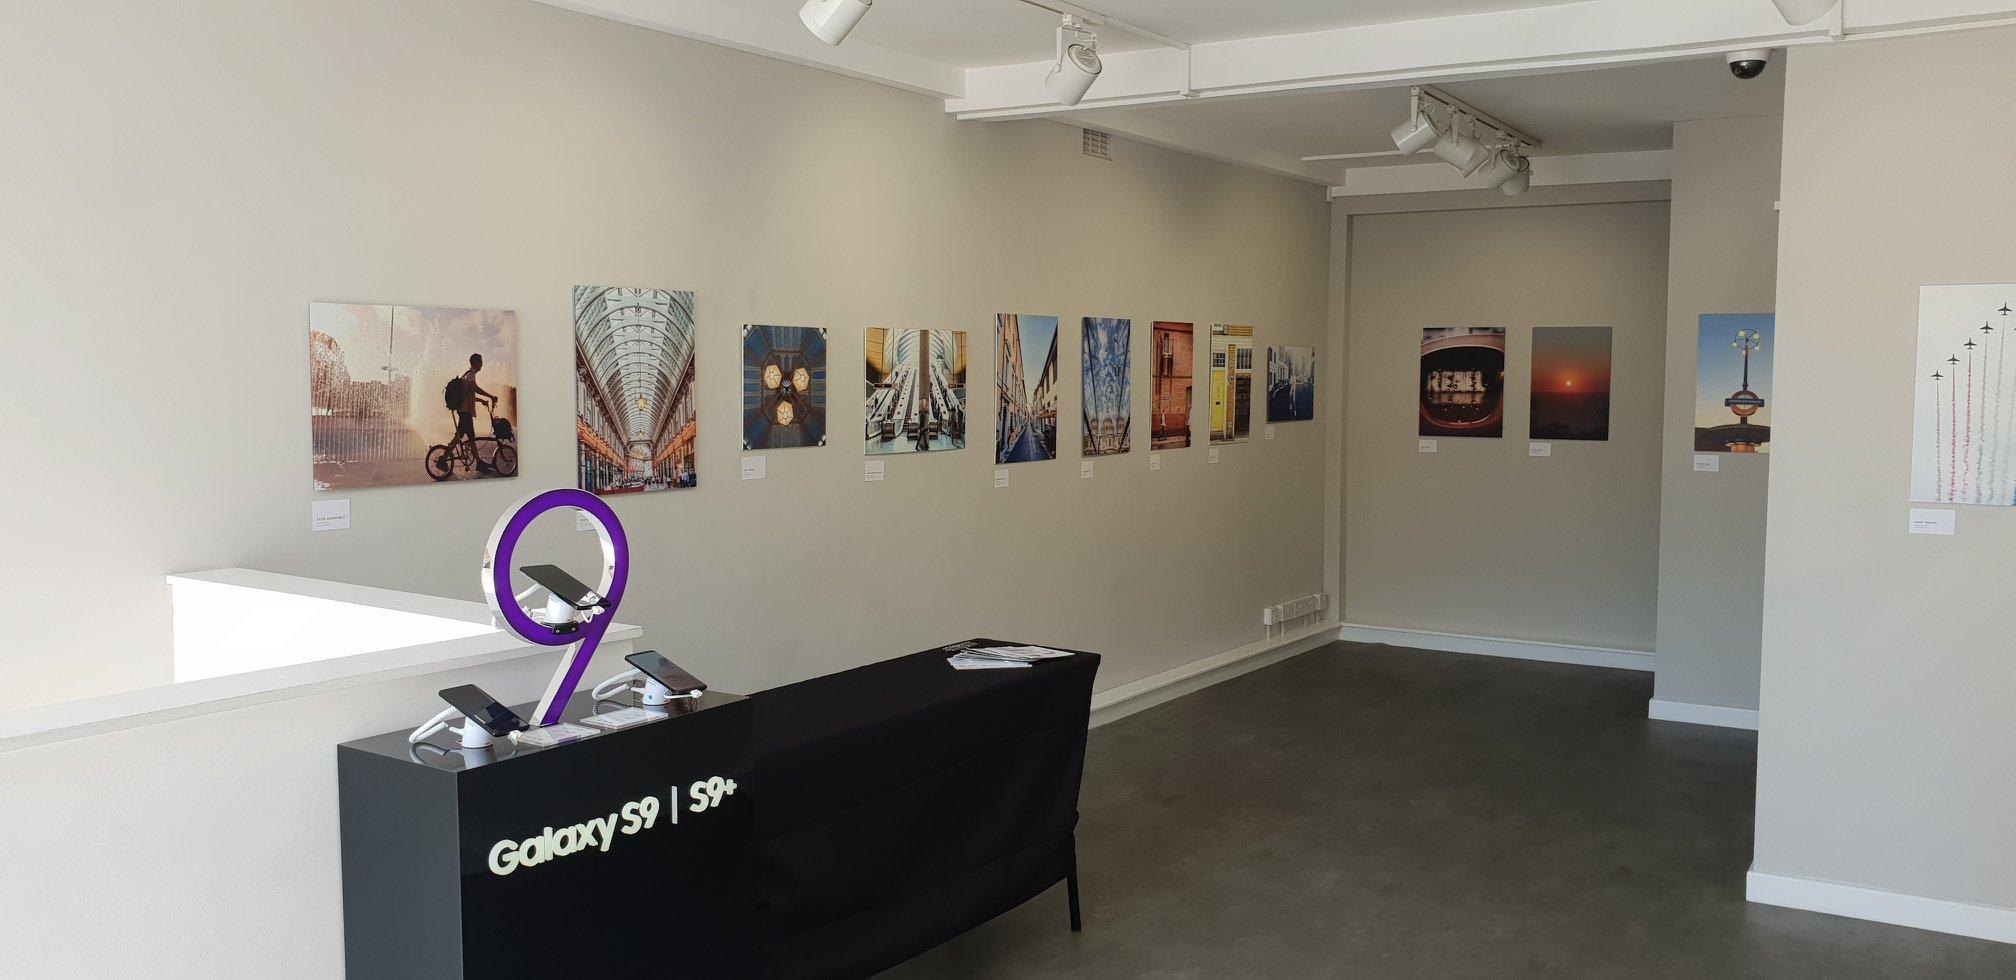 Samsung Three gallery event